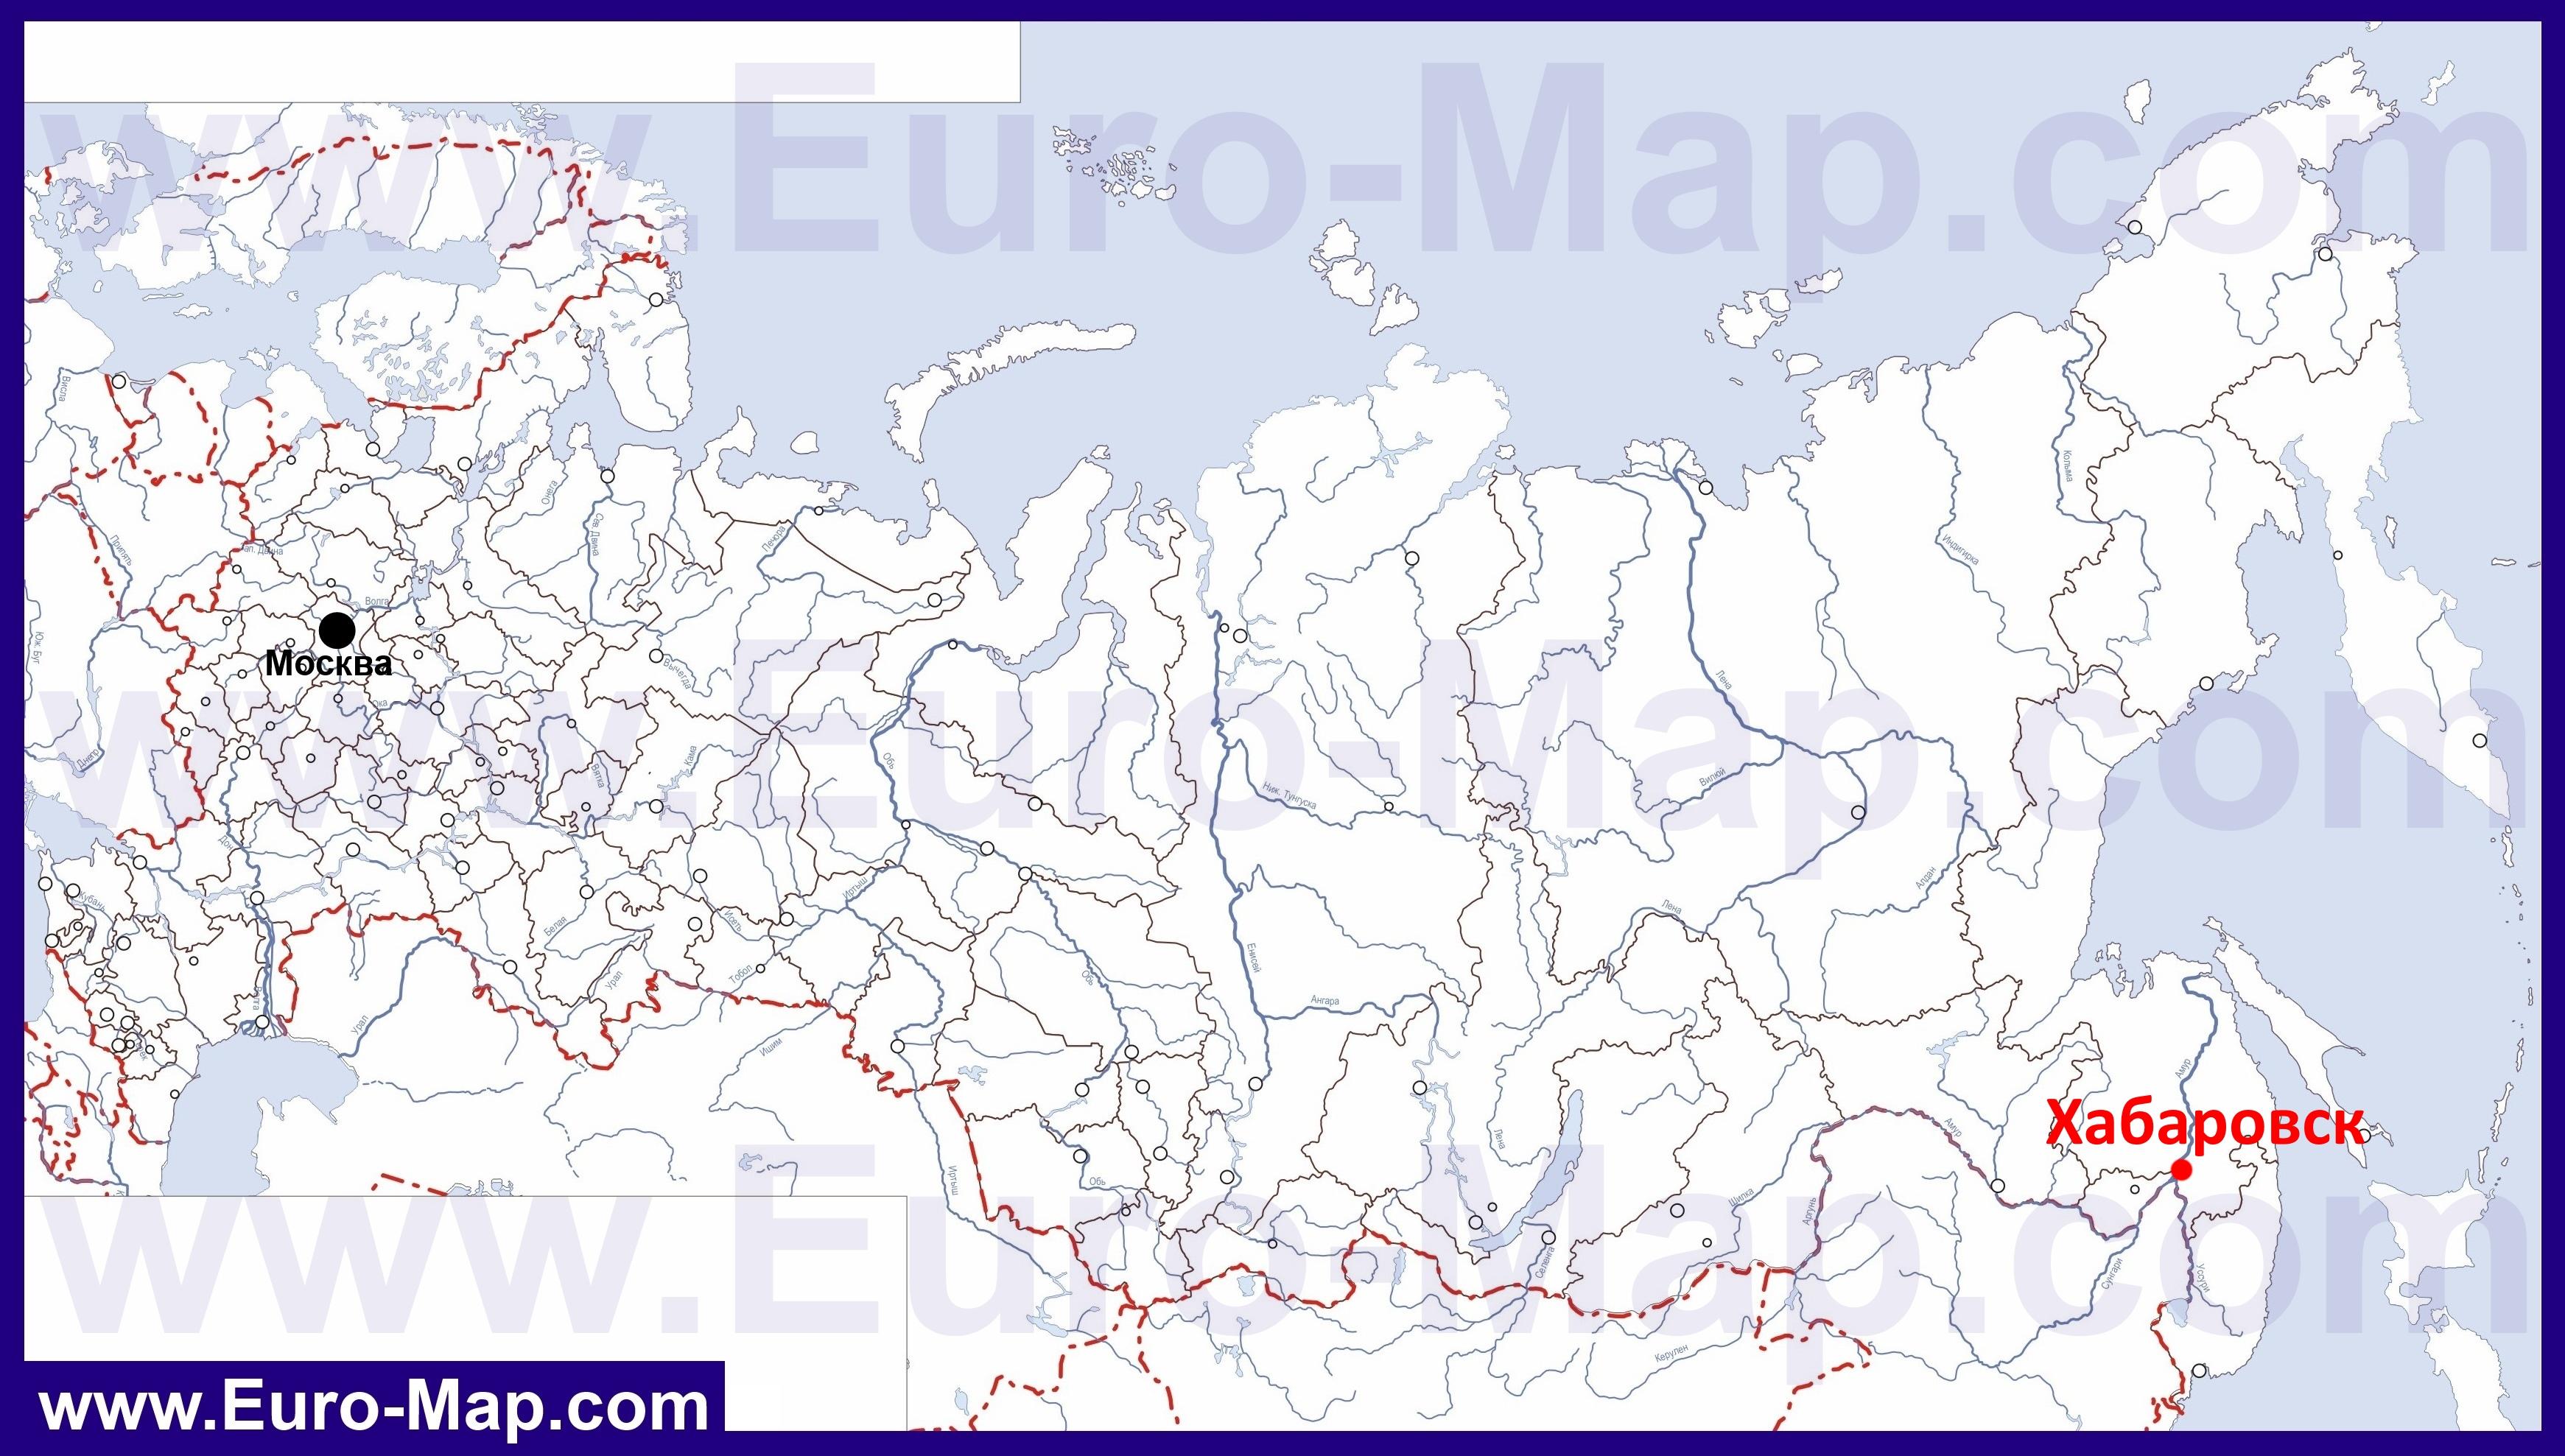 Карта Хабаровска Улицами Номерами Домов